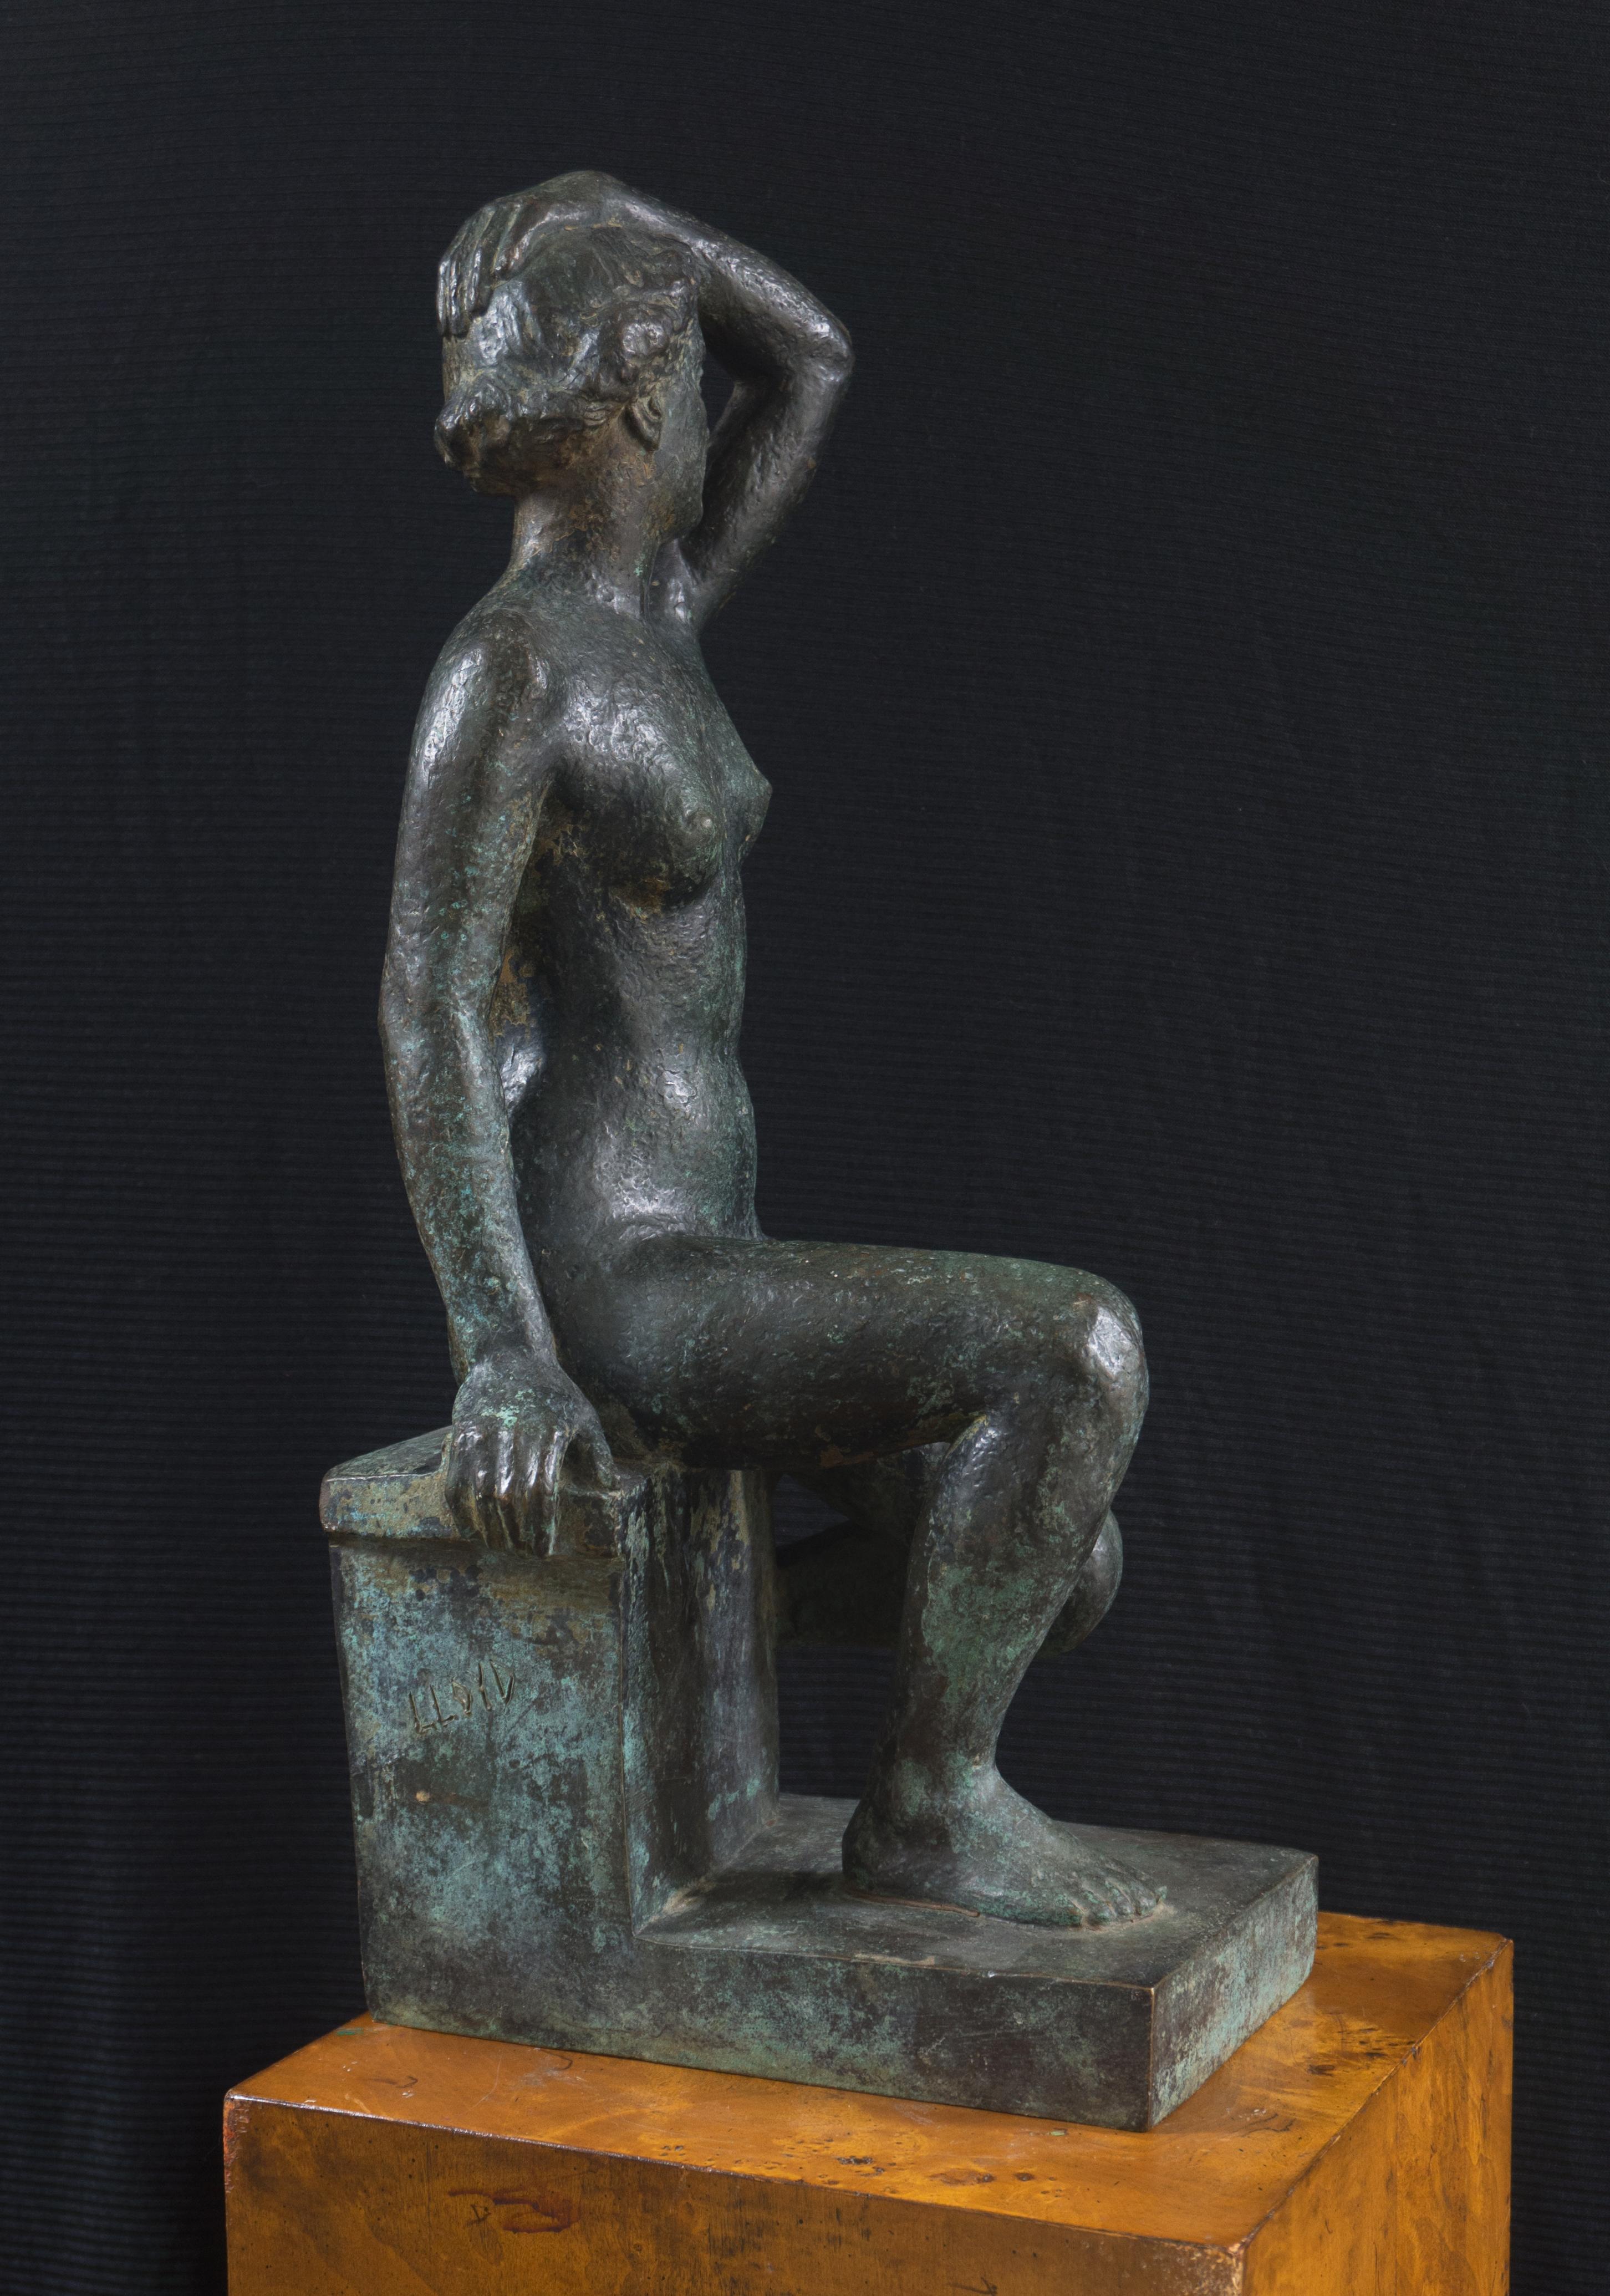 'Seated Nude', Woman Artist, Paris Salon, Jeu de Paume, World's Fair, GGIE LACMA